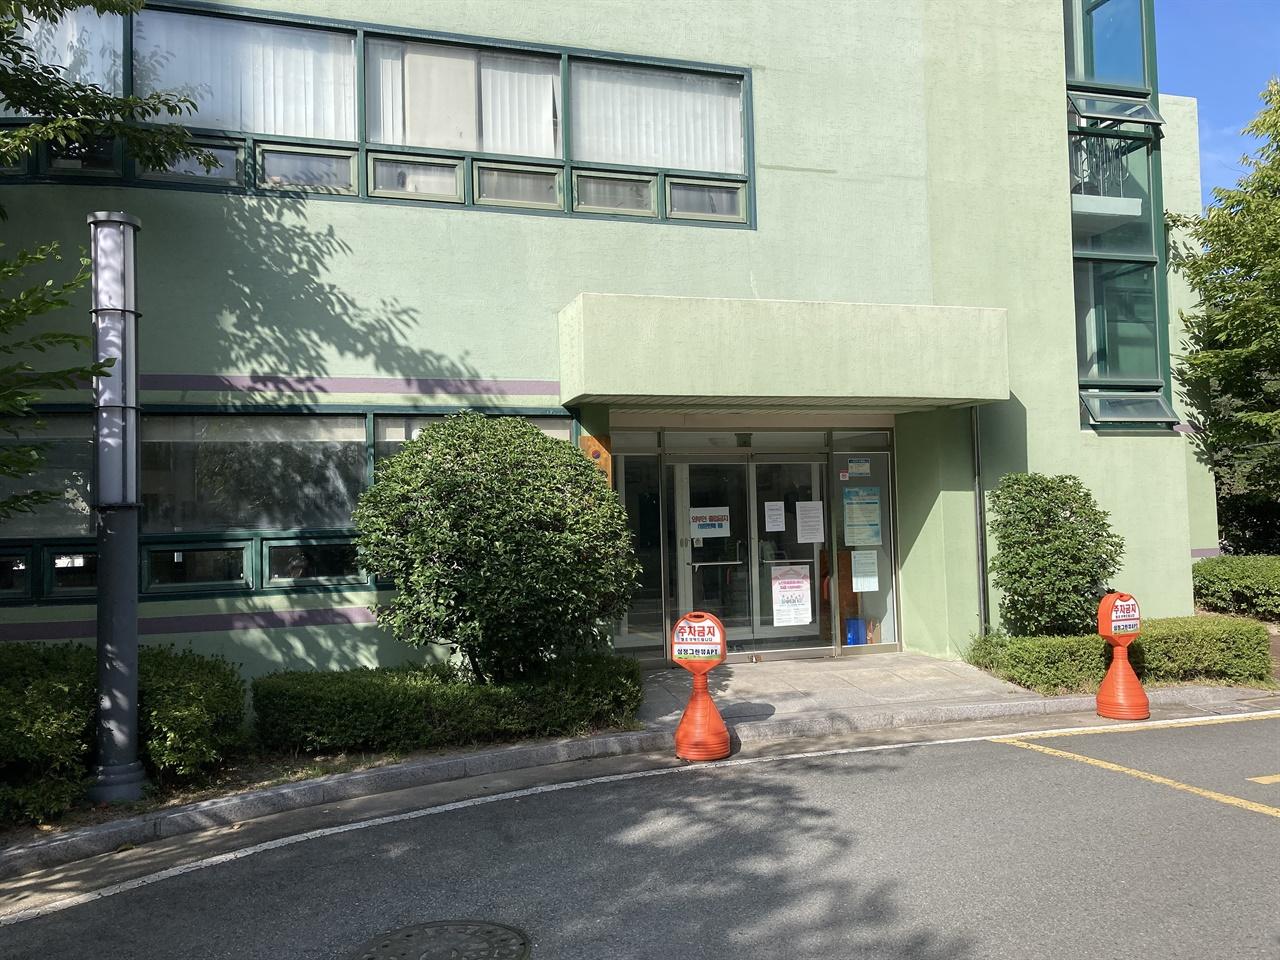 경주 A아파트 경로당 입구에 주민공동시설 운영 중지를 알리는 공고문이 부착되어 있는 모습